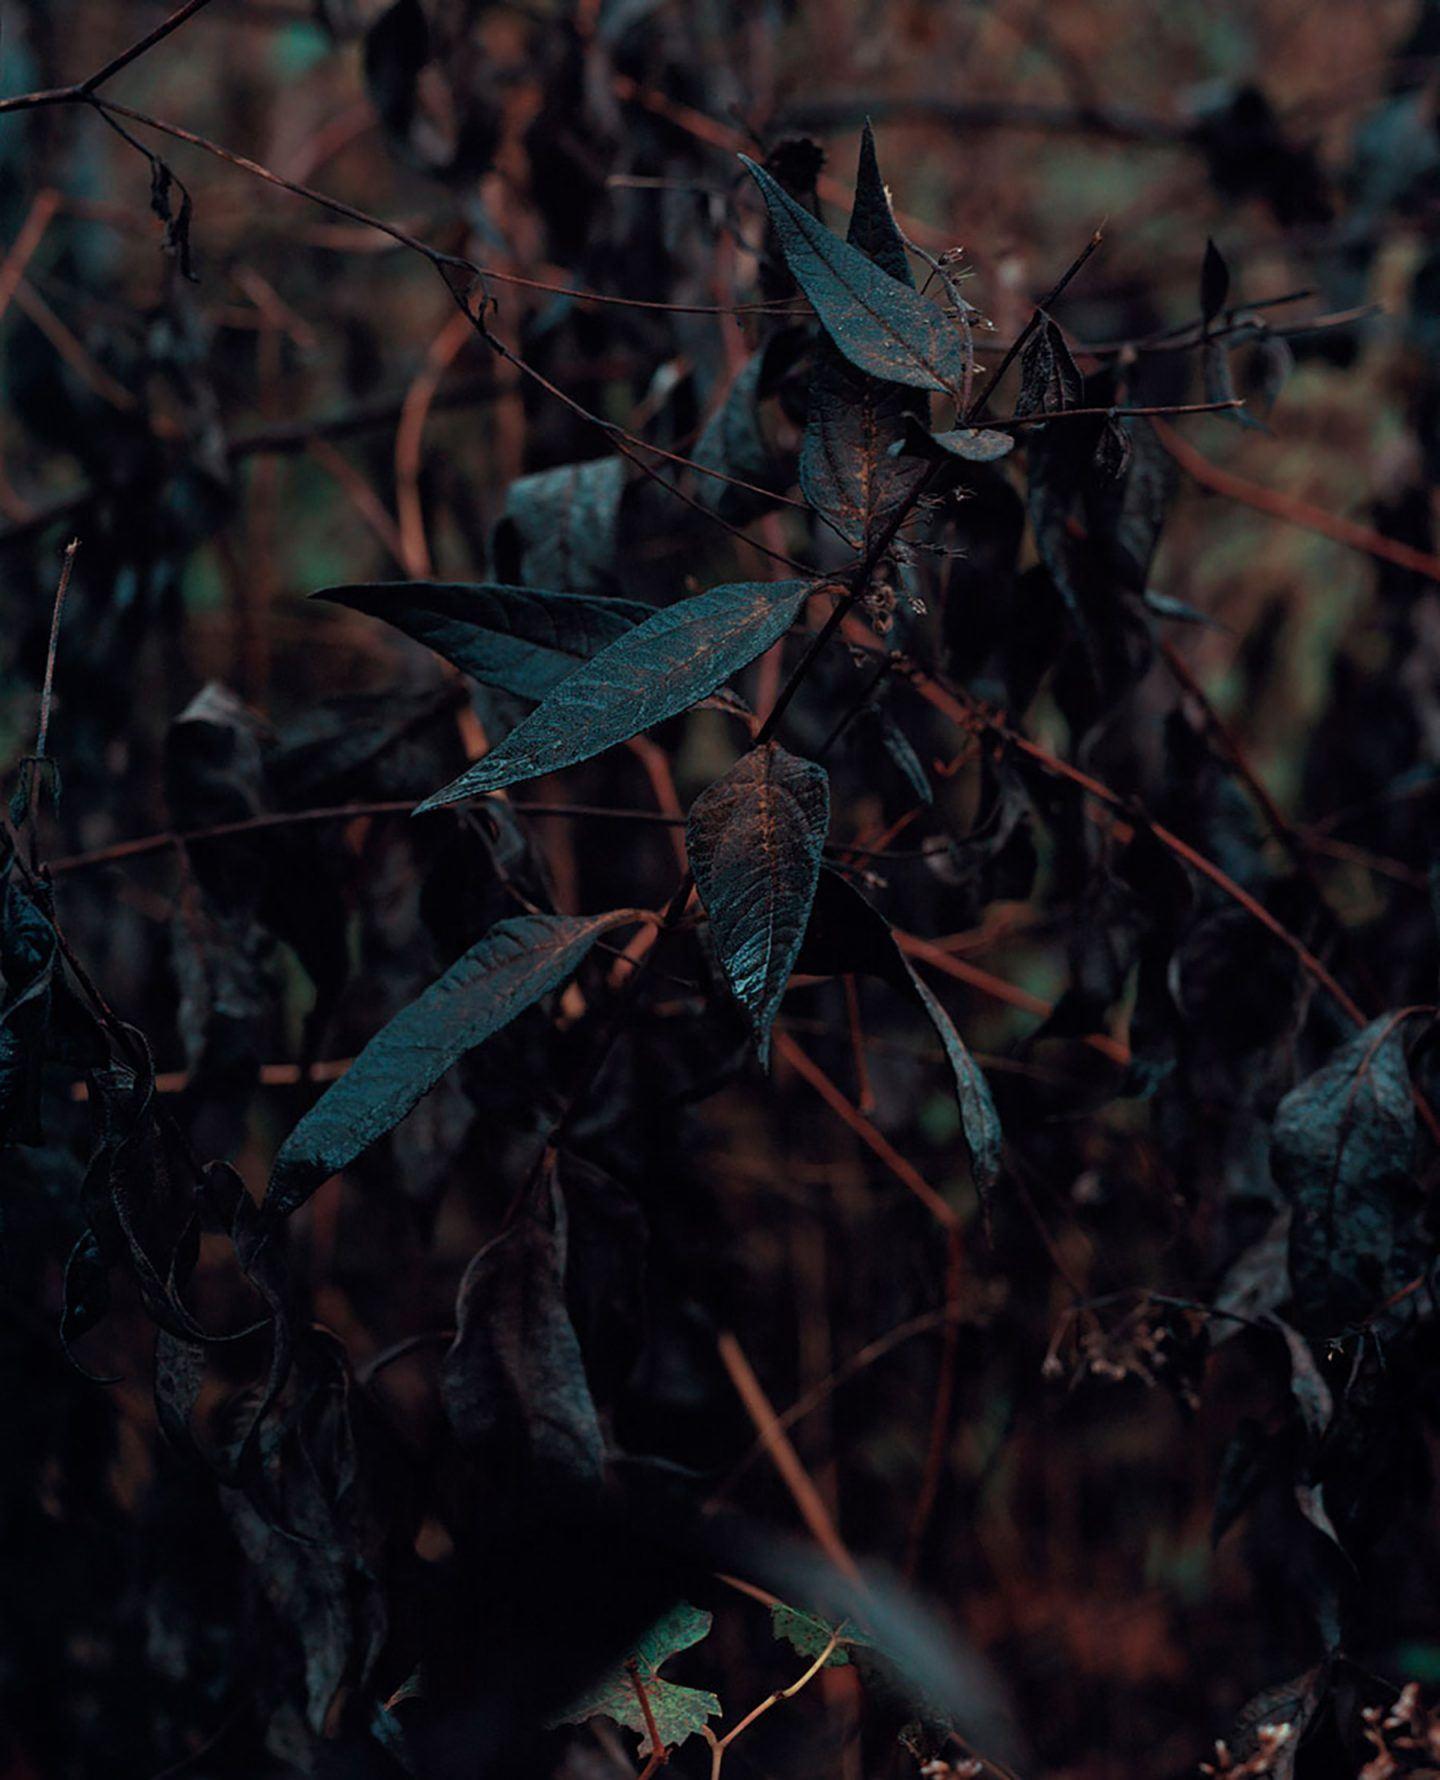 IGNANT-Photography-Brendan-George-Ko-Nadadey-Weystid-1